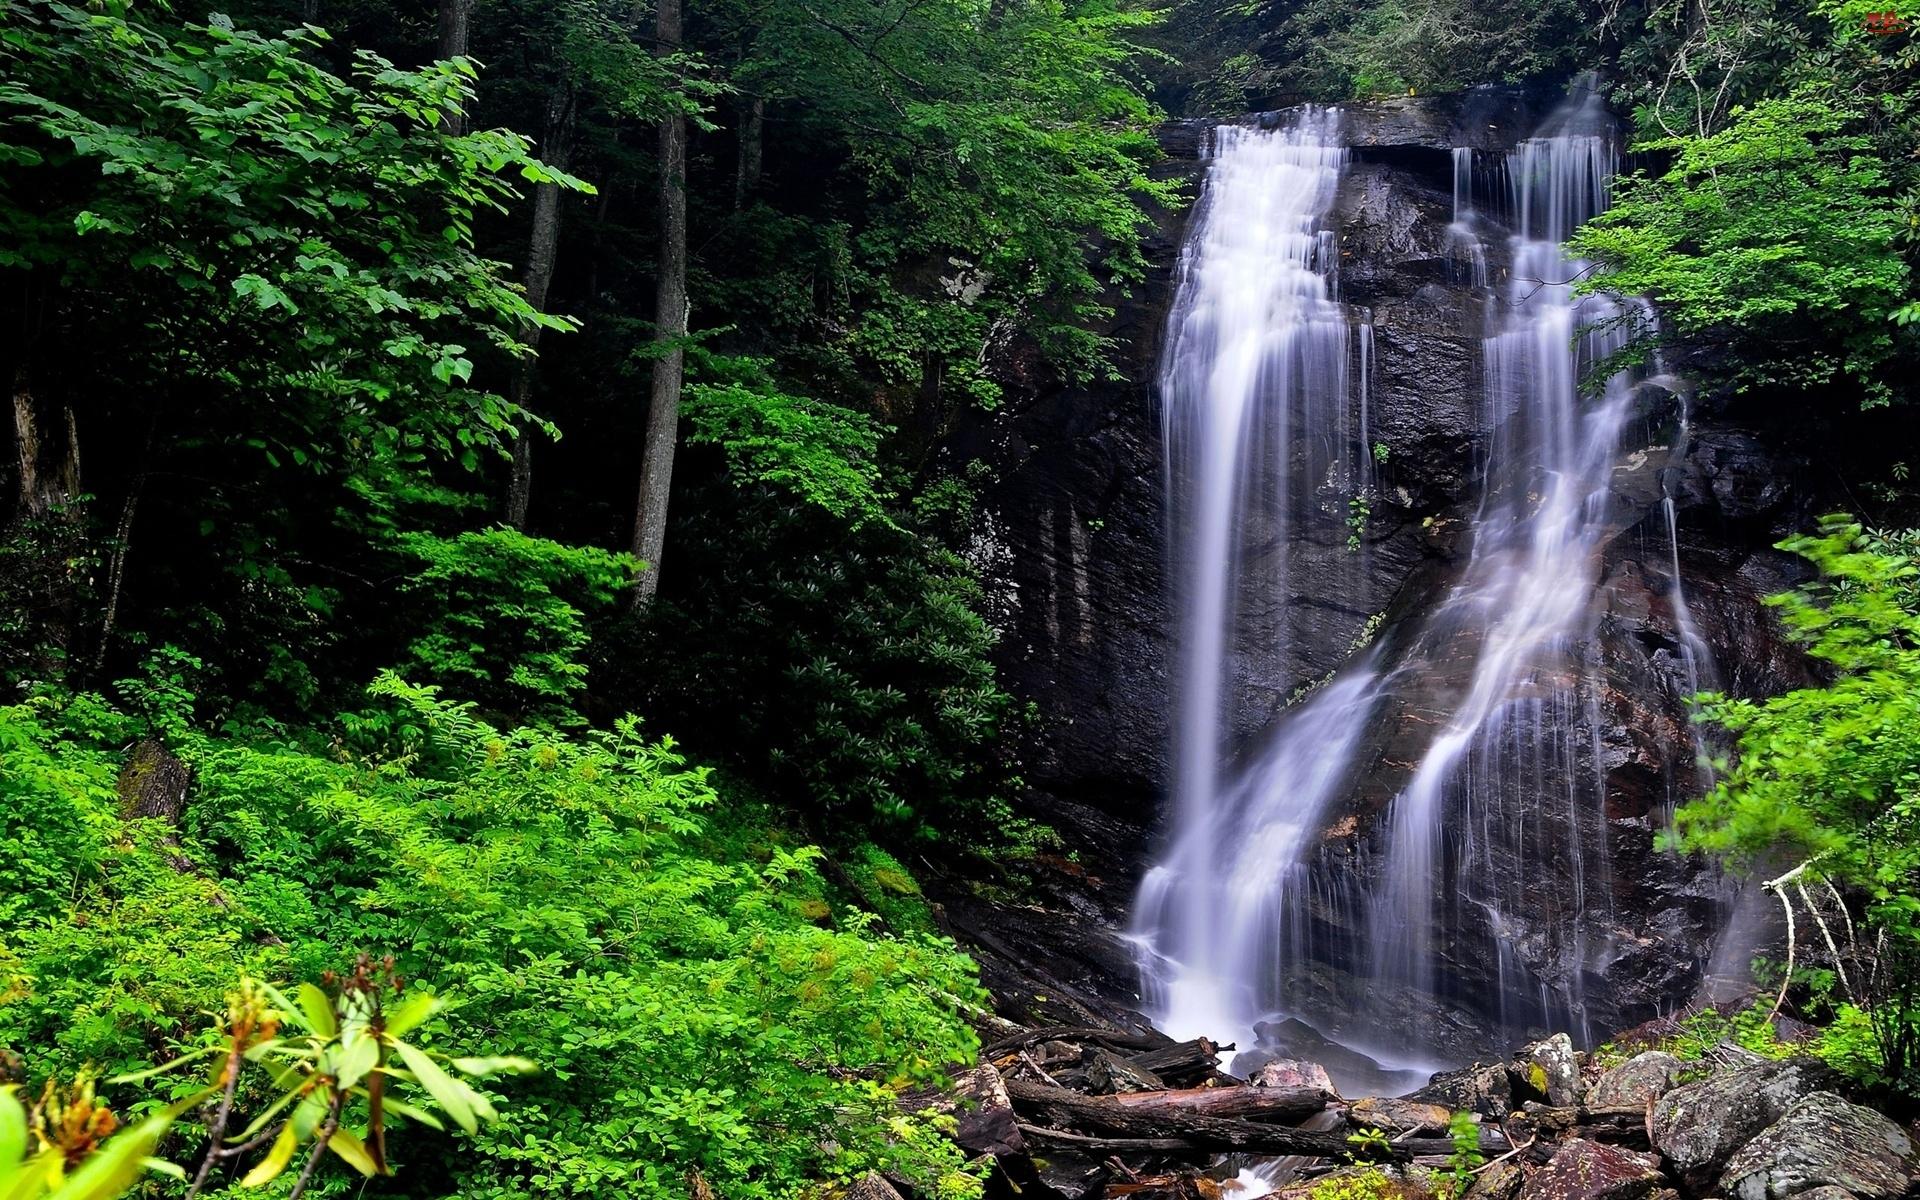 Wodospad, Zieleń